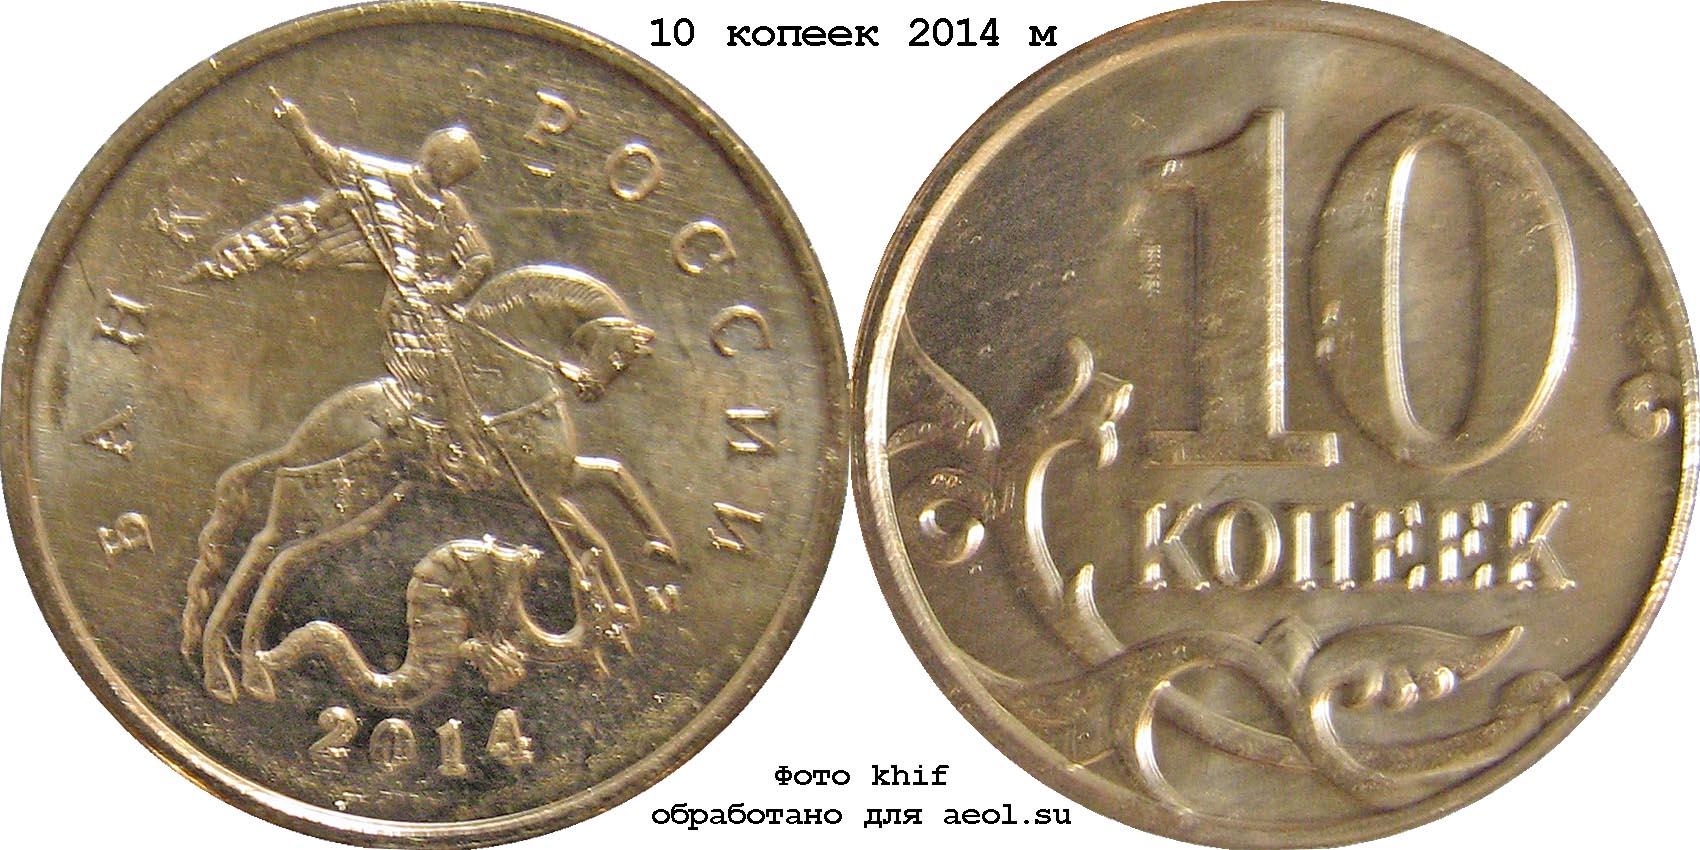 Цена10копеек2014г монета с пушкиным 1999 цена